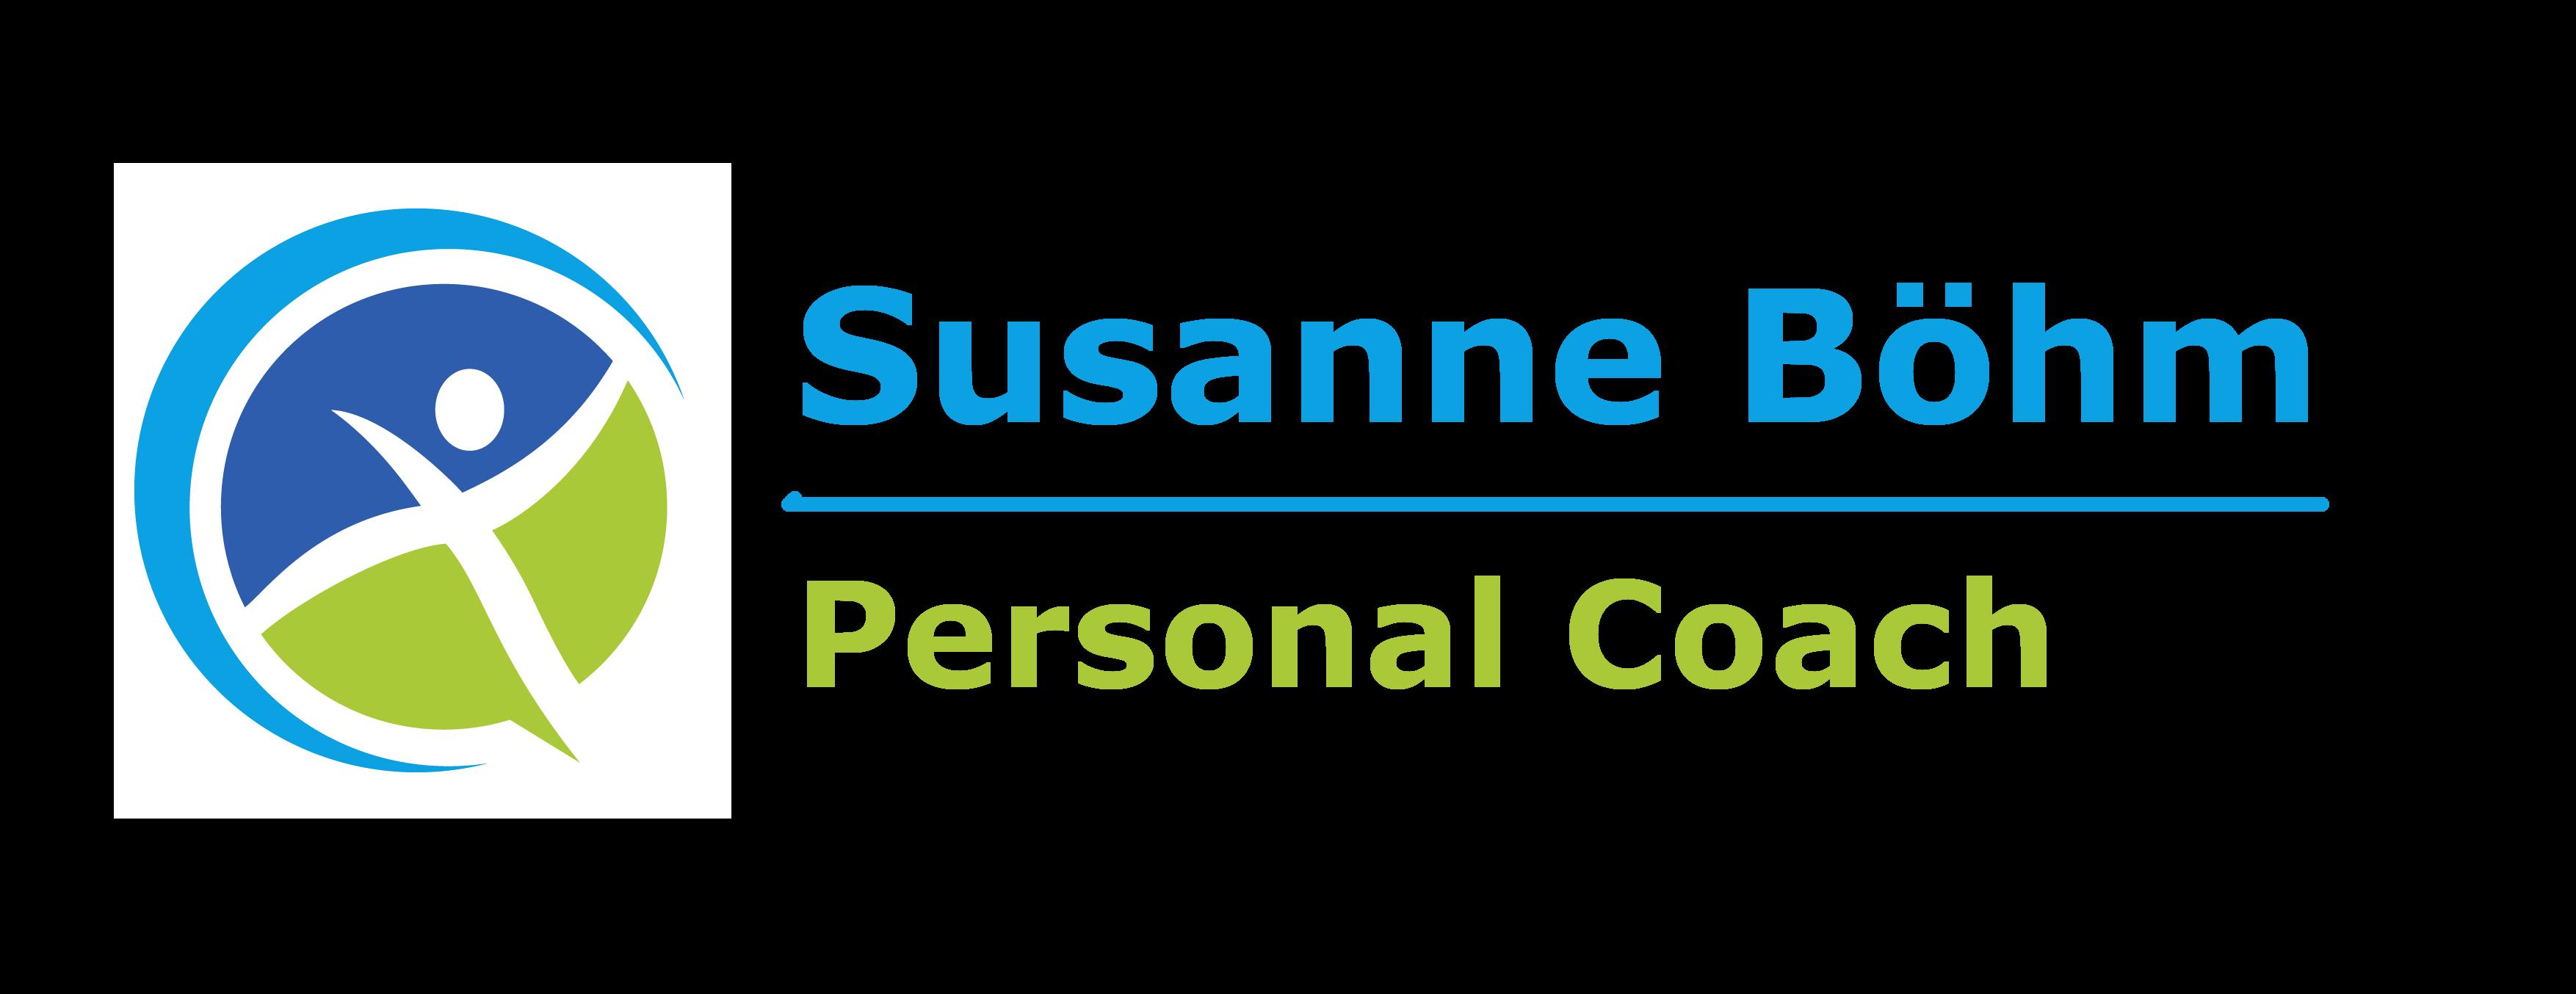 Susanne Böhm Personal Coach